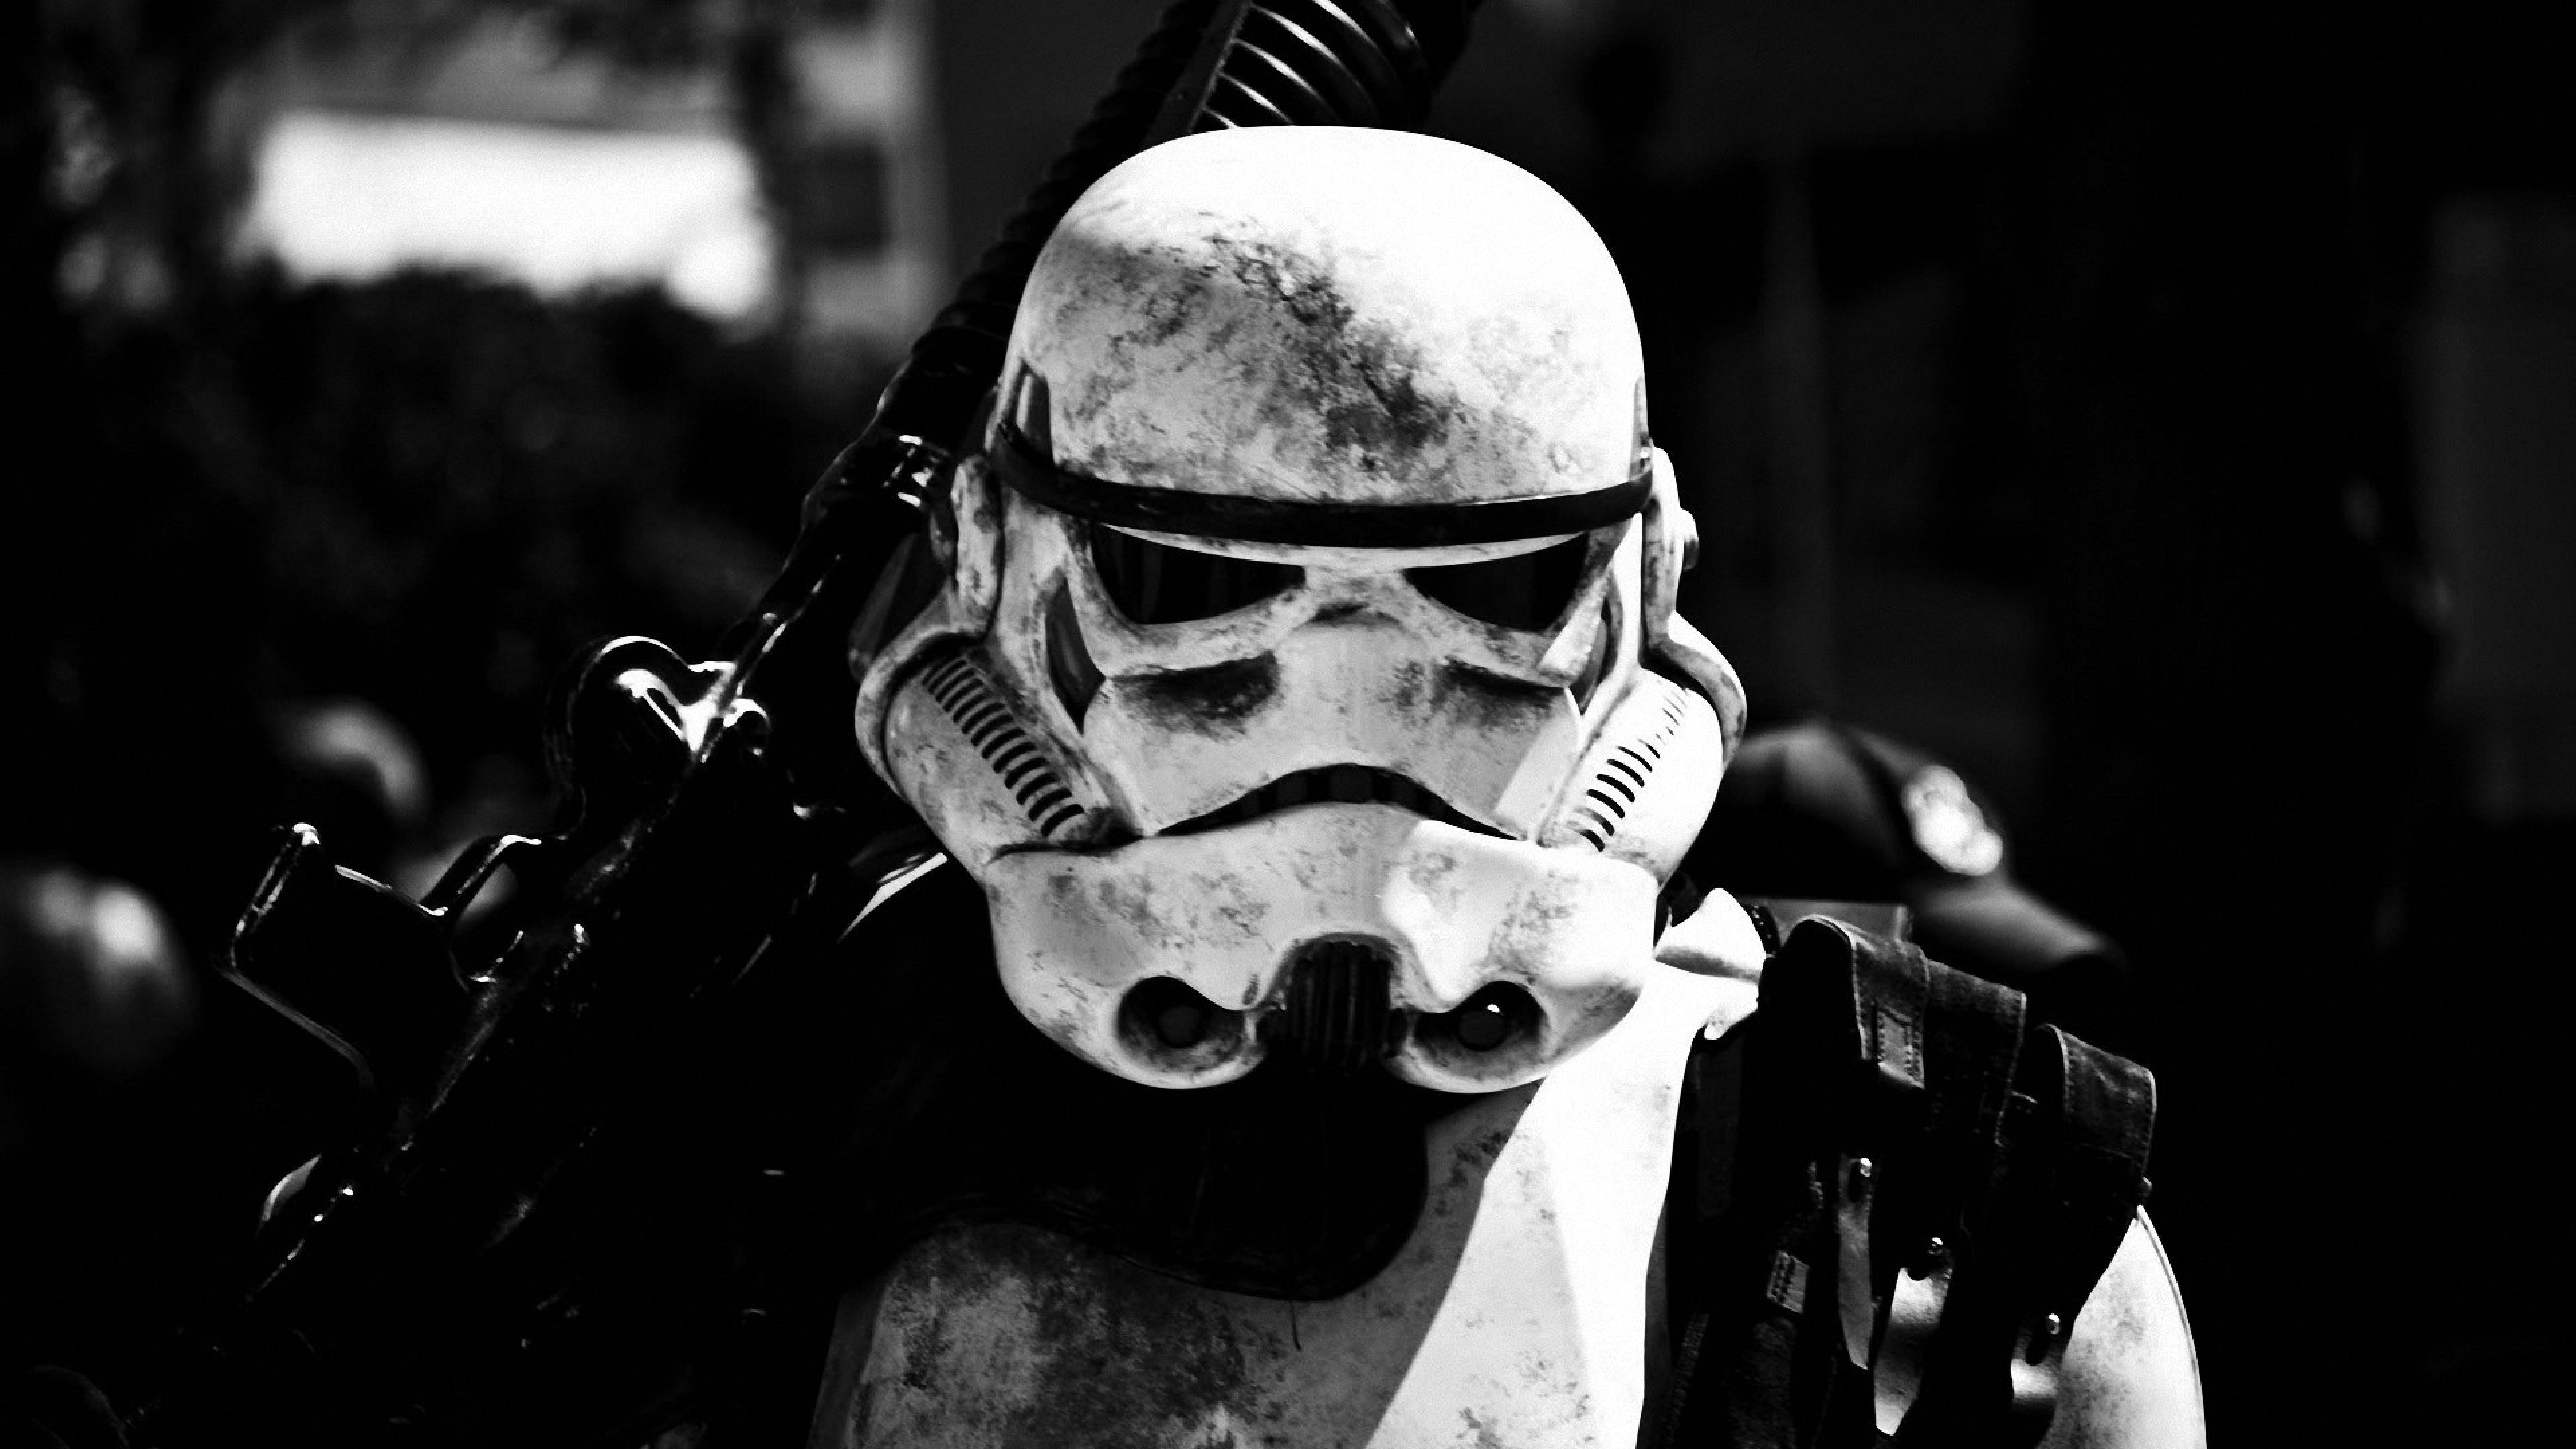 star_wars_force_awakens_sci_fi_futuristic_disney_action_adventure_1star_wars_force_awakens_3840x2160